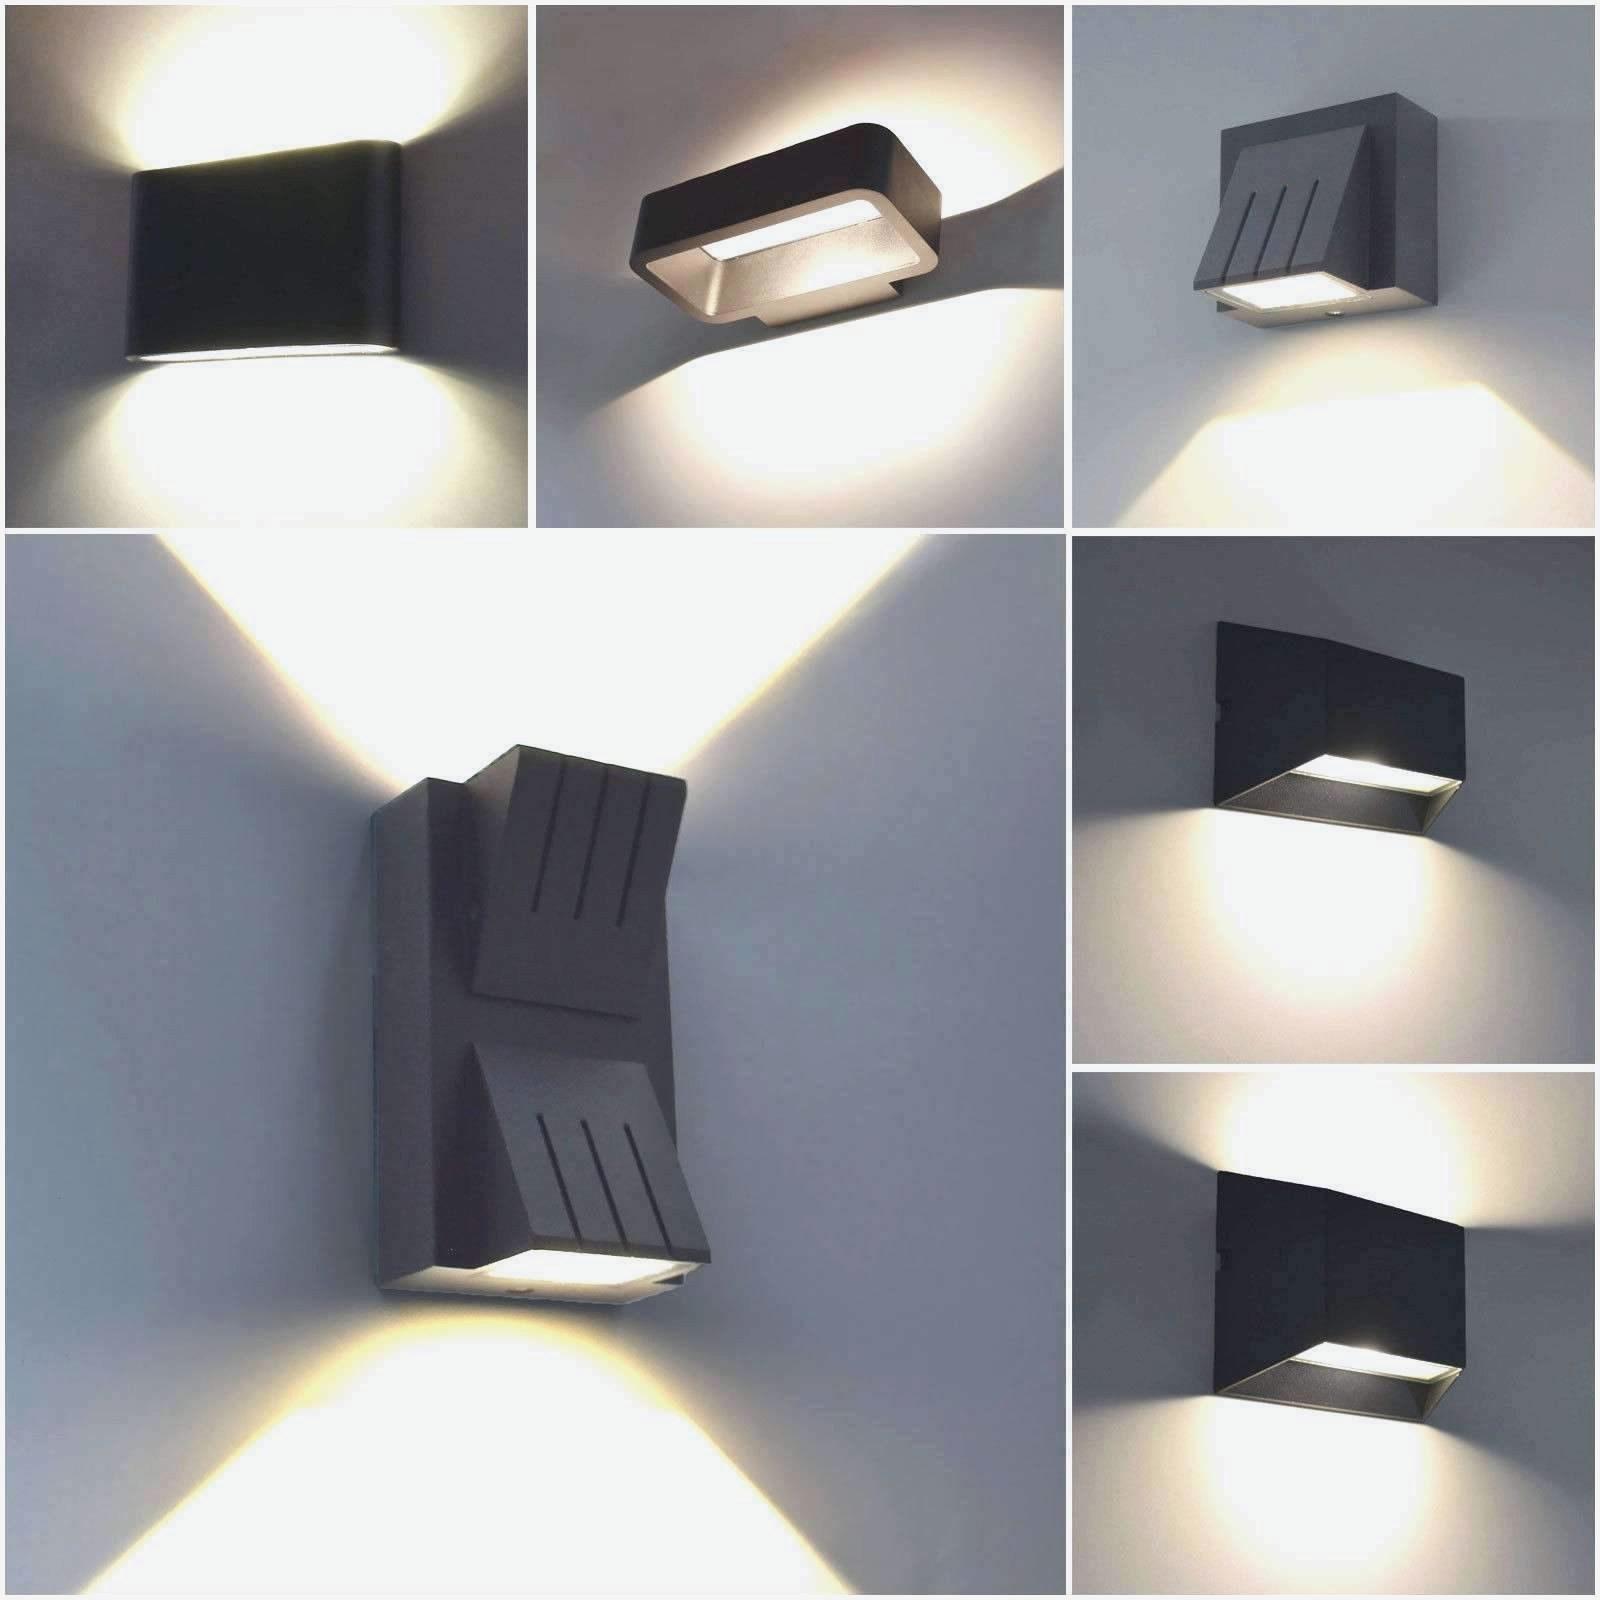 Wohnzimmer Wandlampe Mit Schalter